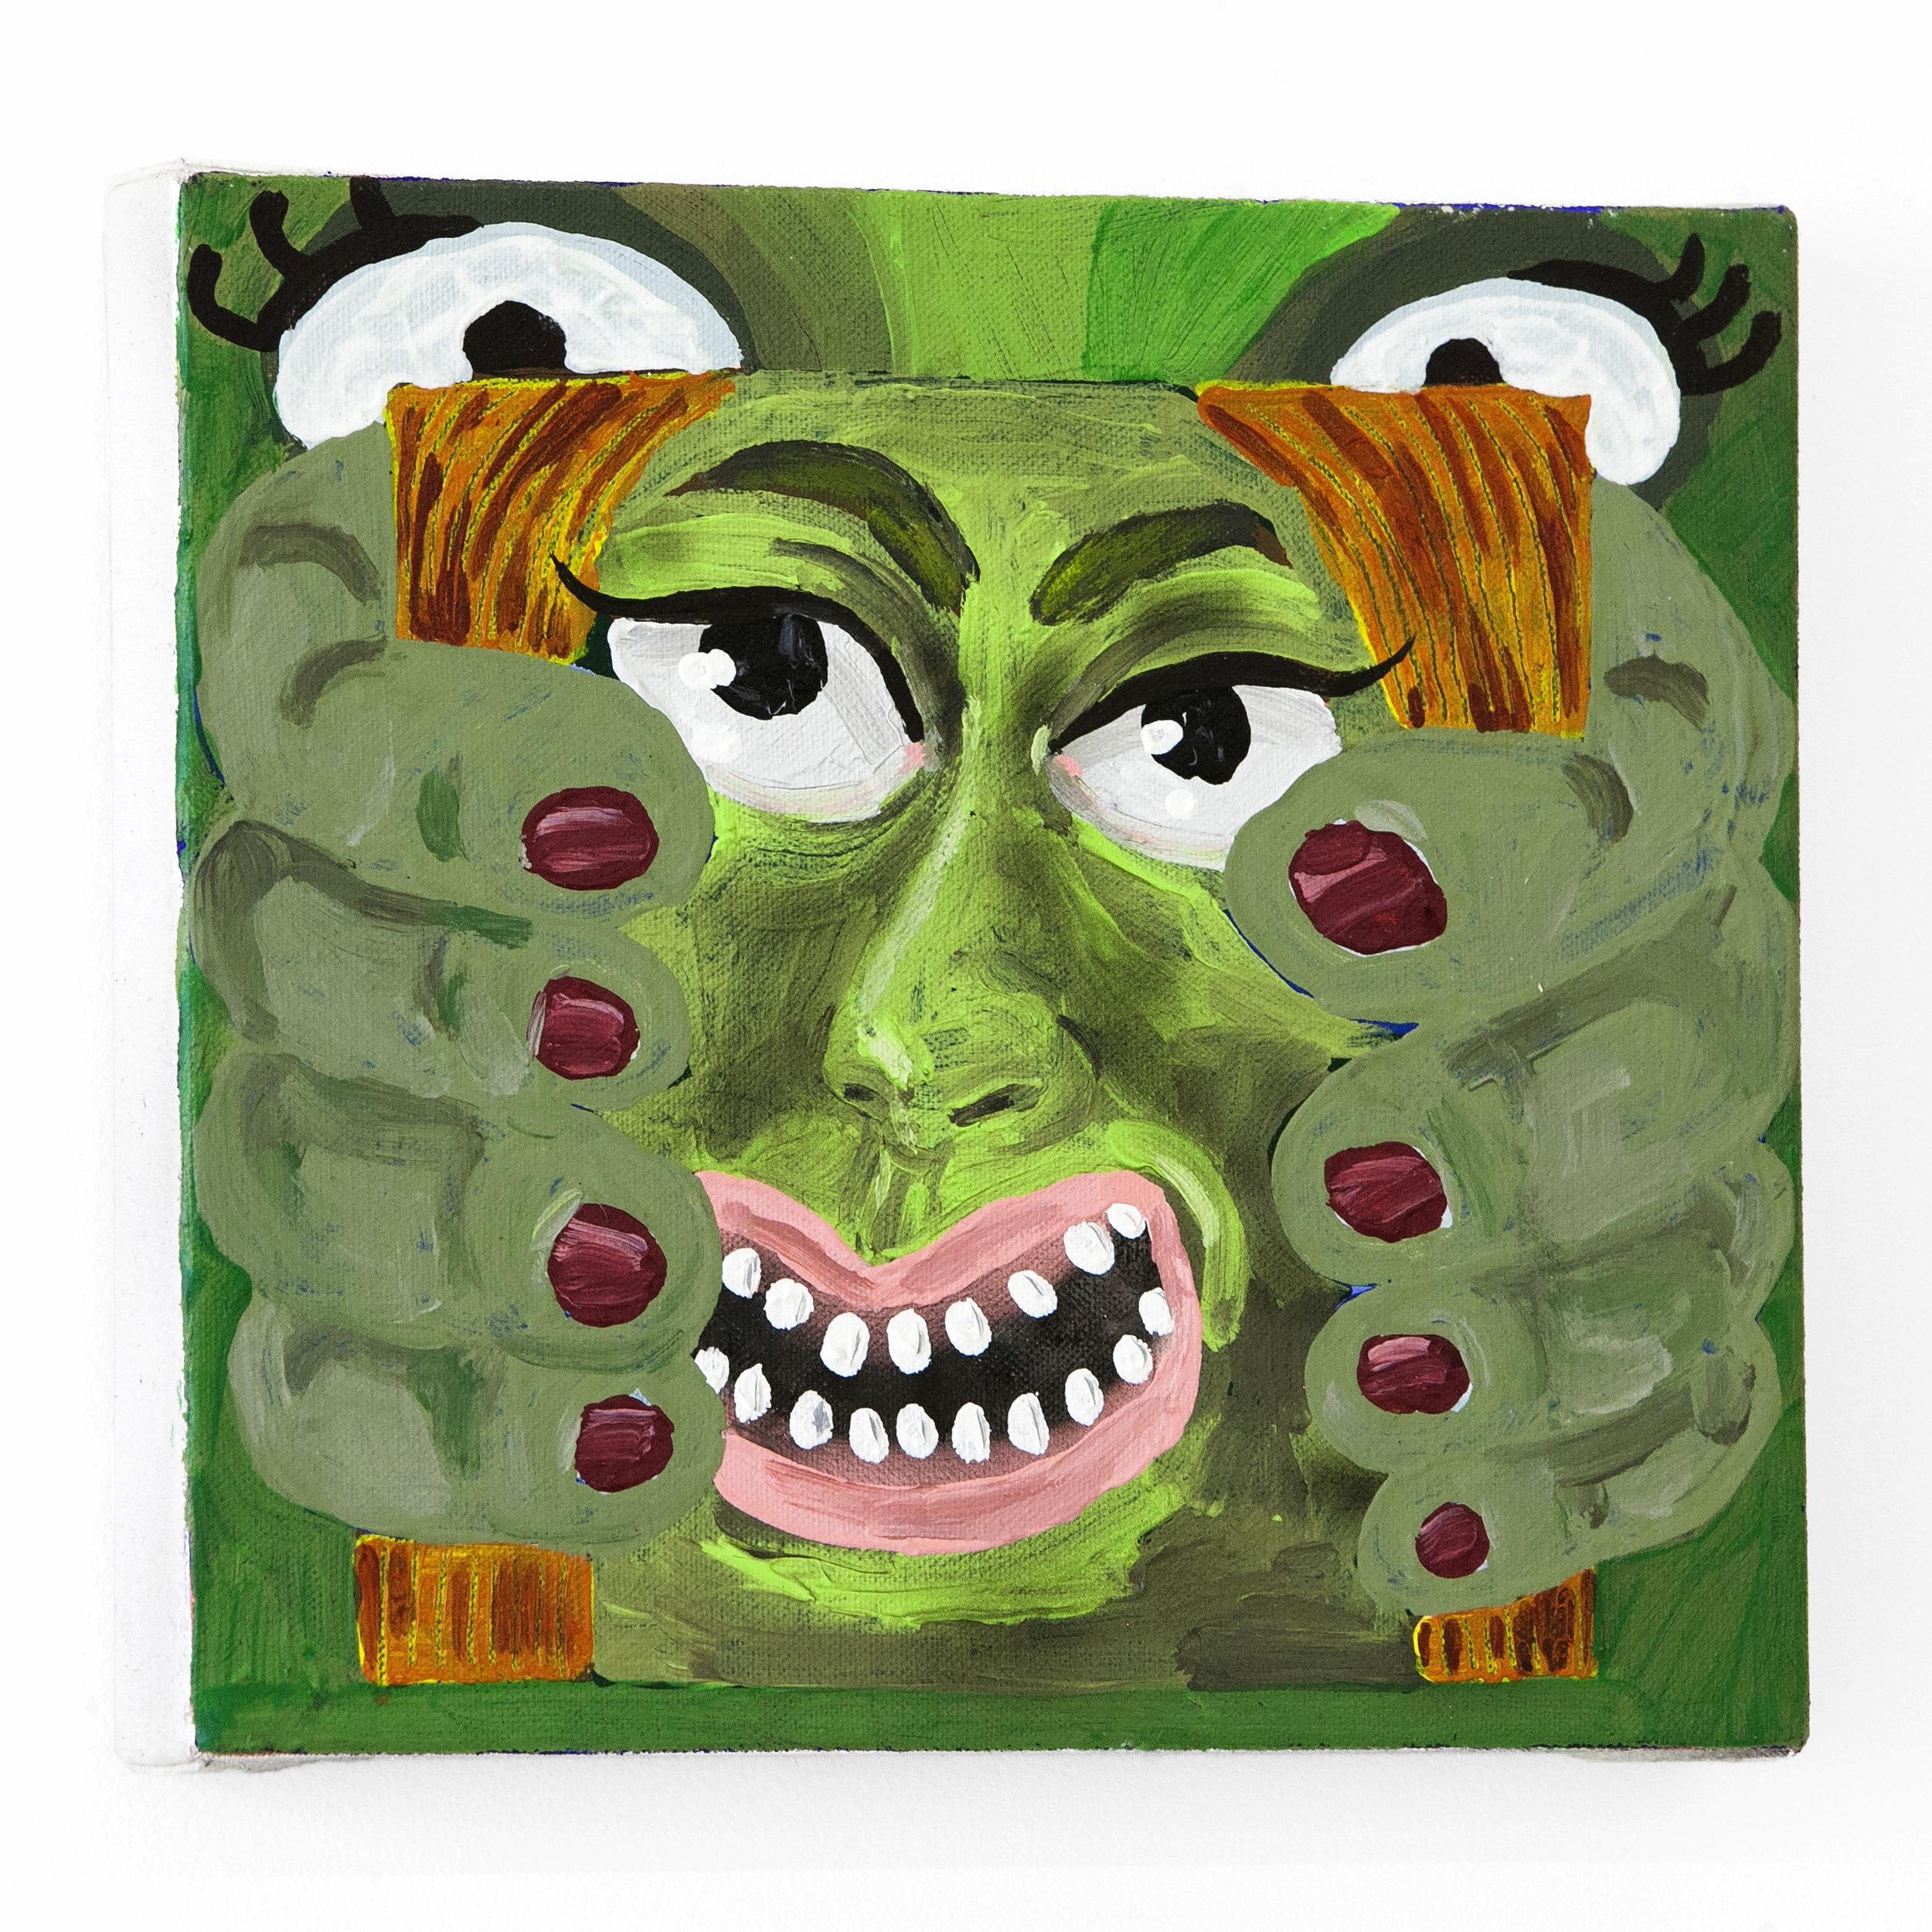 kellenchasuk_greenmask_3.jpg